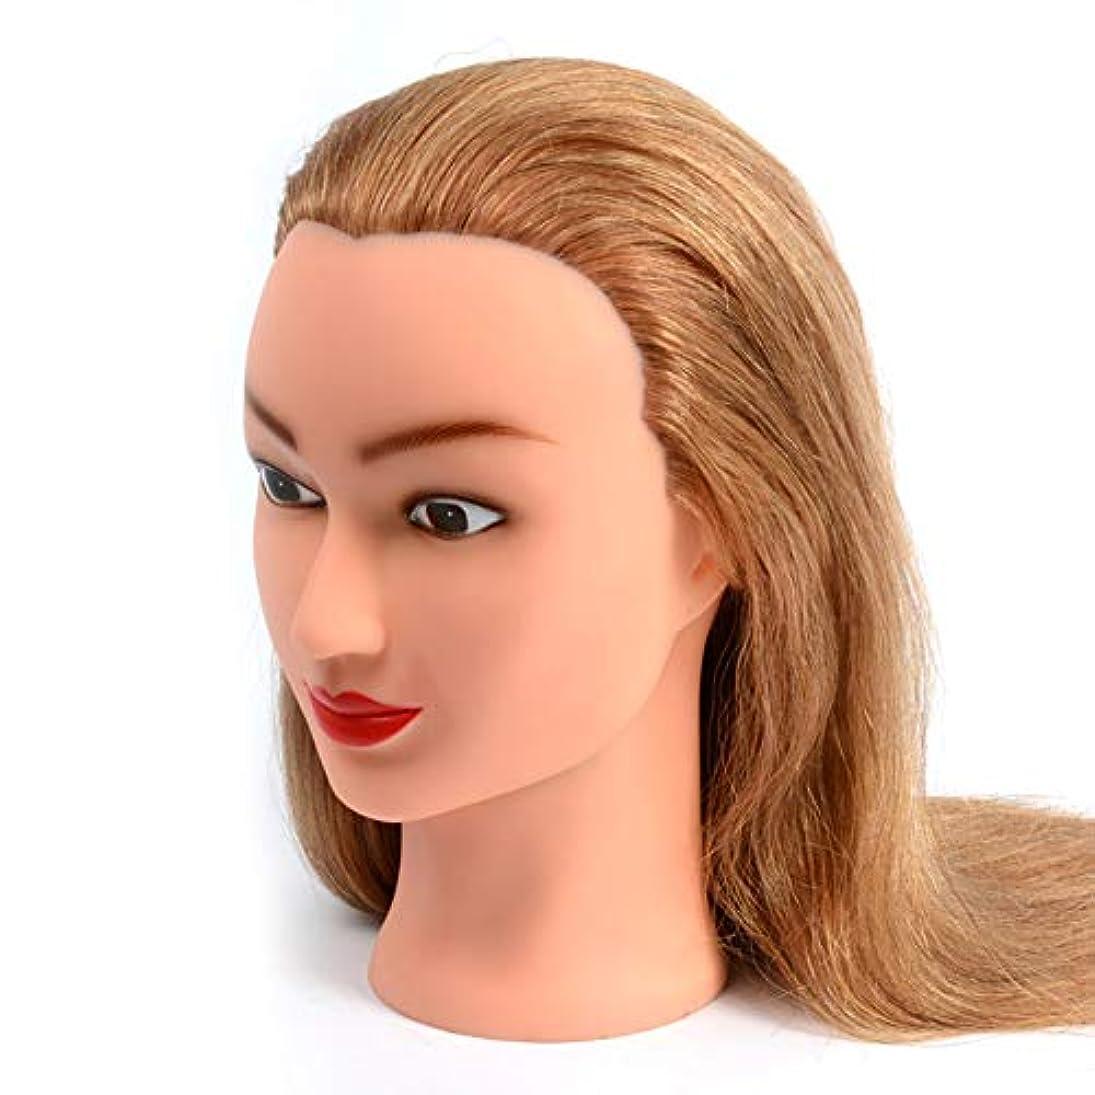 逃げる本部急流ブライダルメイクスタイリング練習モデル美容院散髪学習ダミーヘッドは染色することができますし、漂白ティーチングヘッド